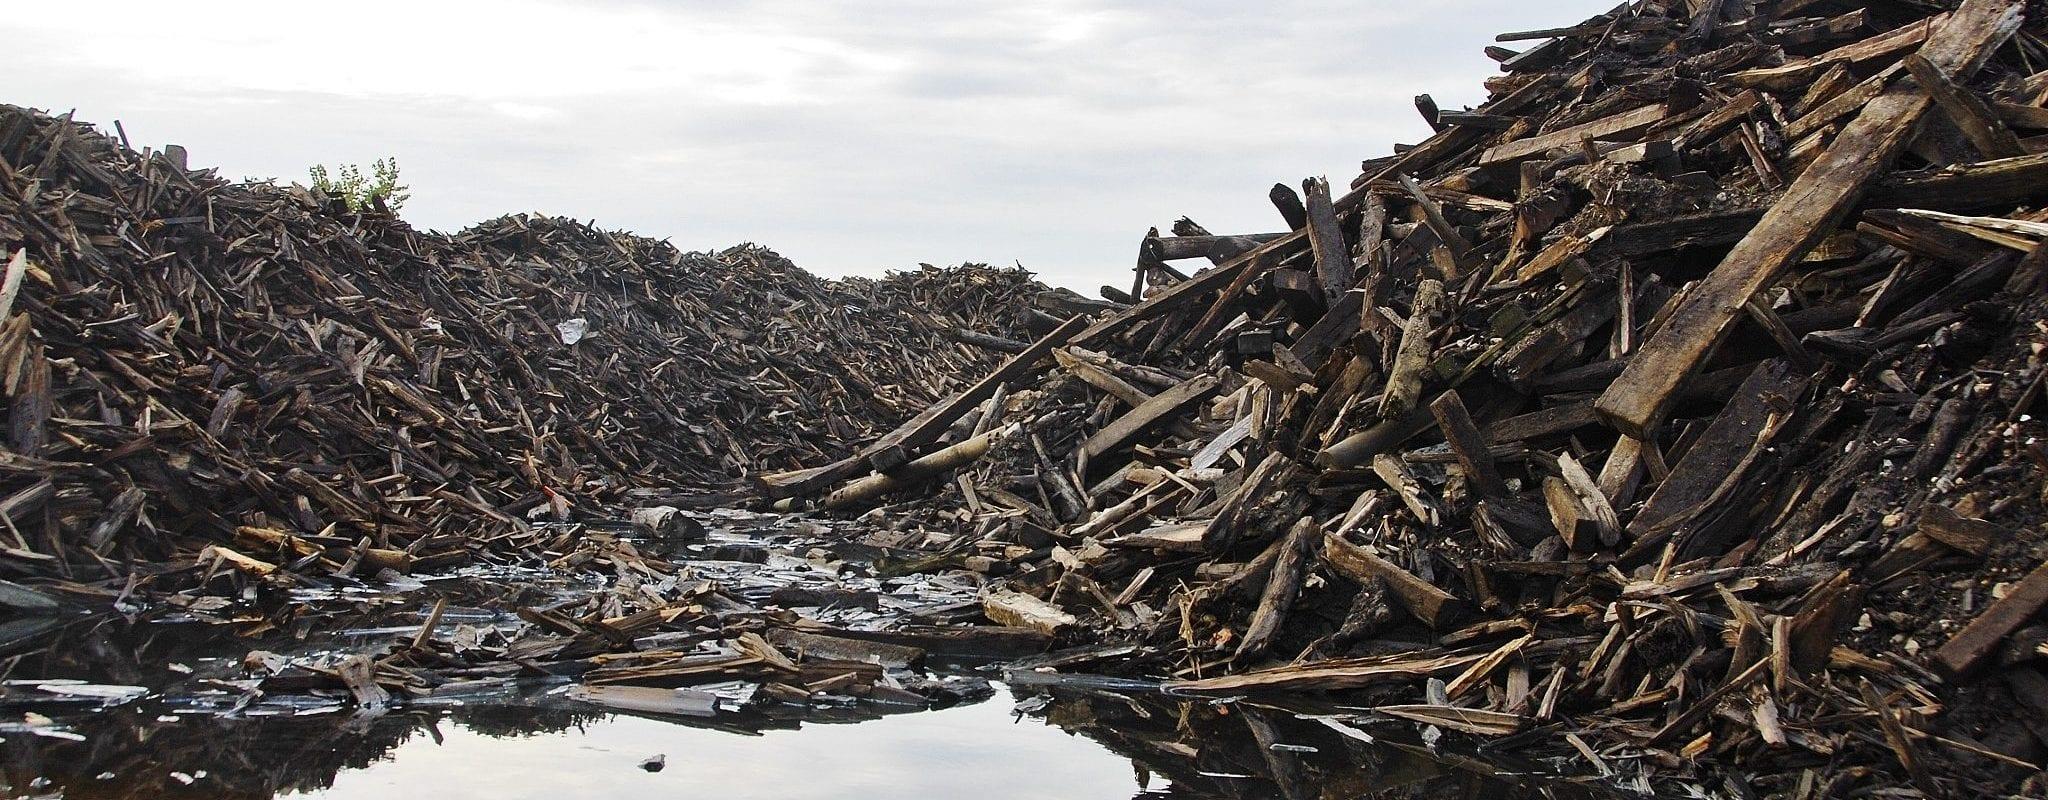 Des milliers de tonnes de bois toxique menacent les riverains et les bassins du Port du Rhin